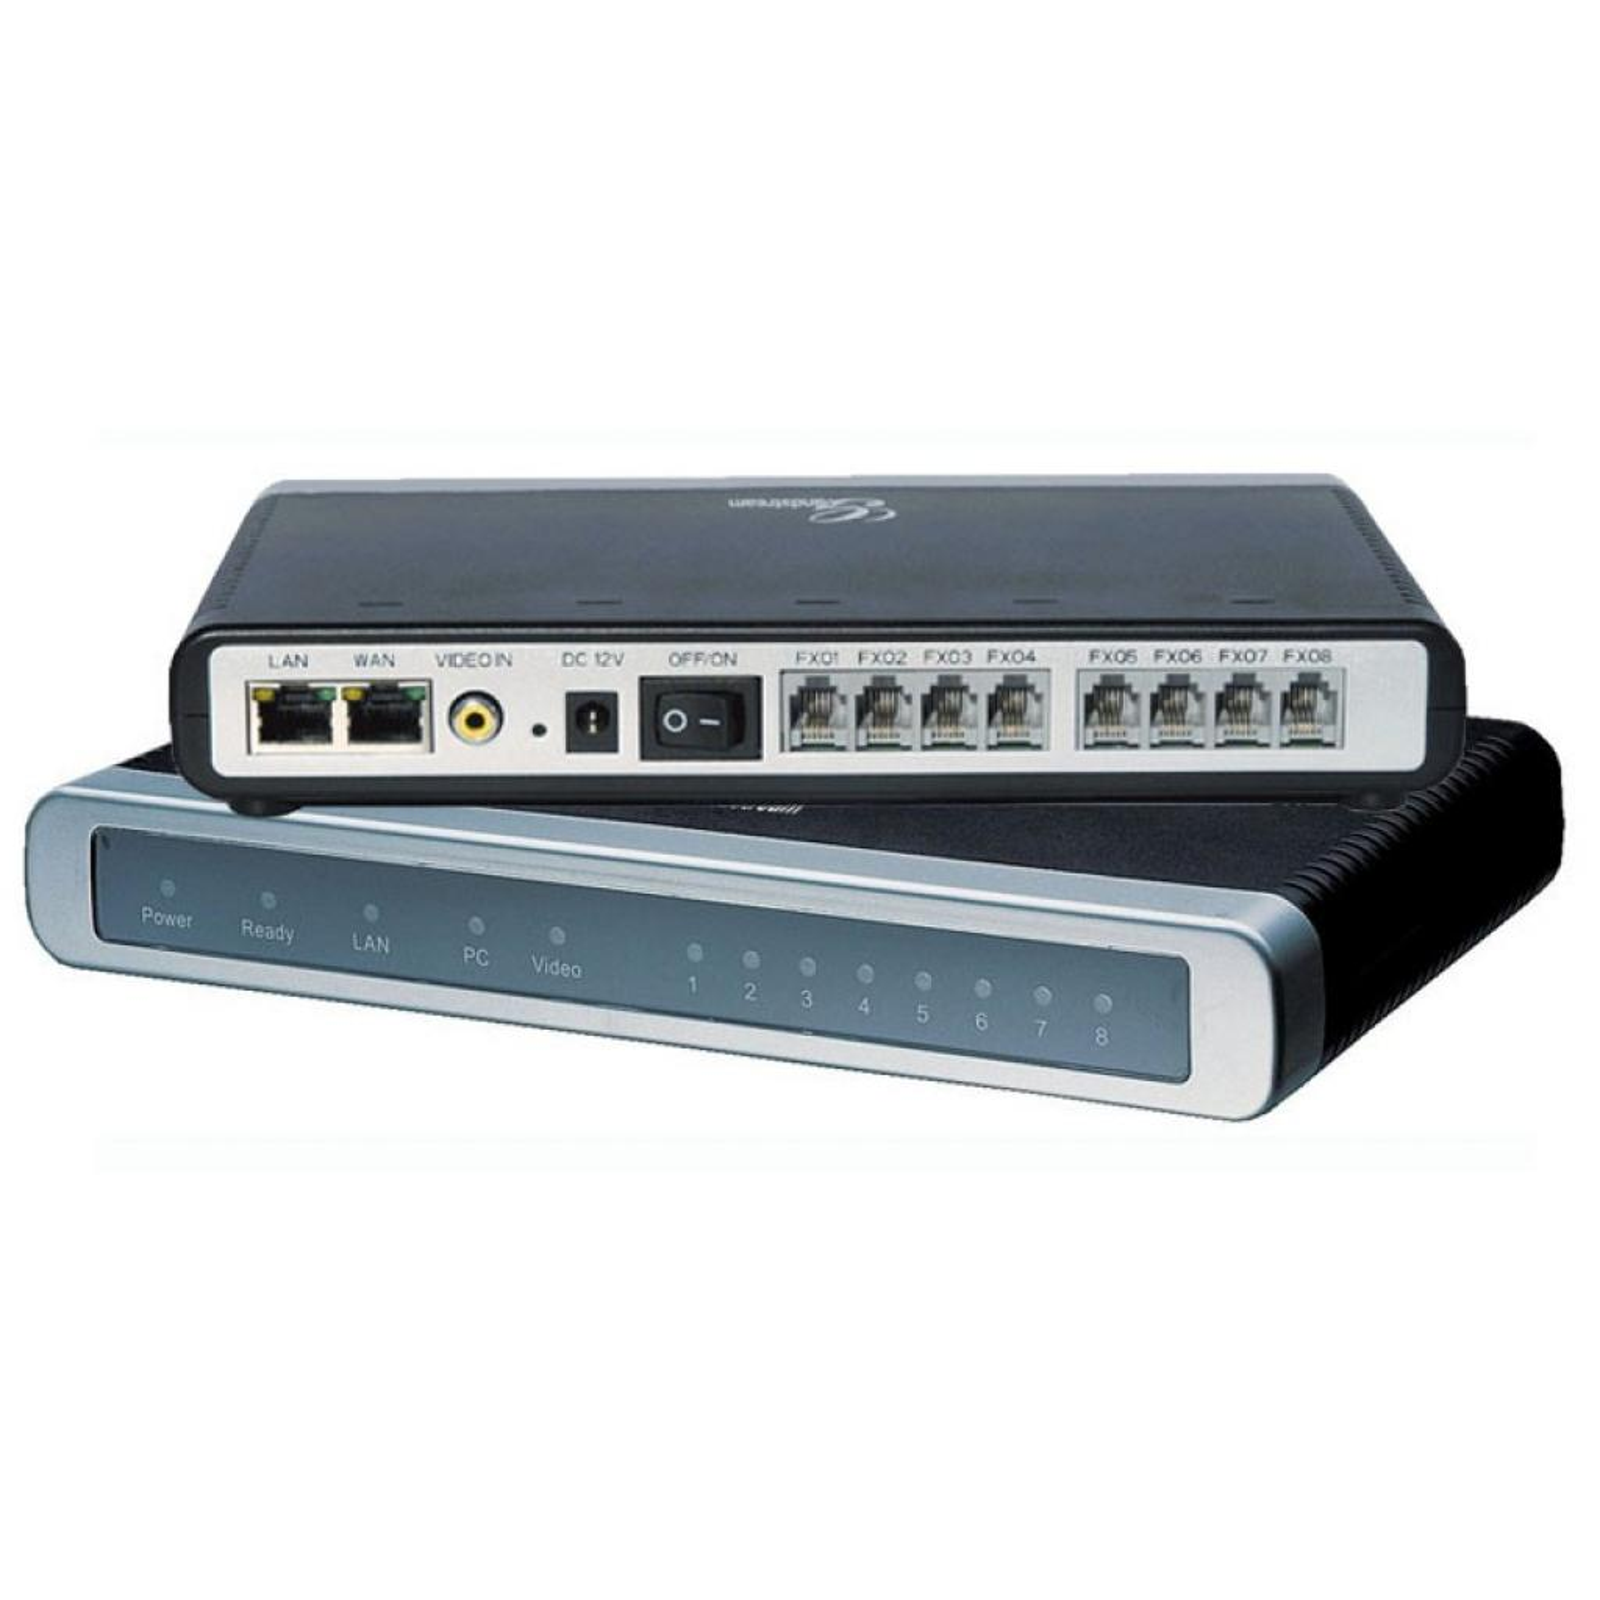 VoIP-шлюз Grandstream GXW4108 изображение 2